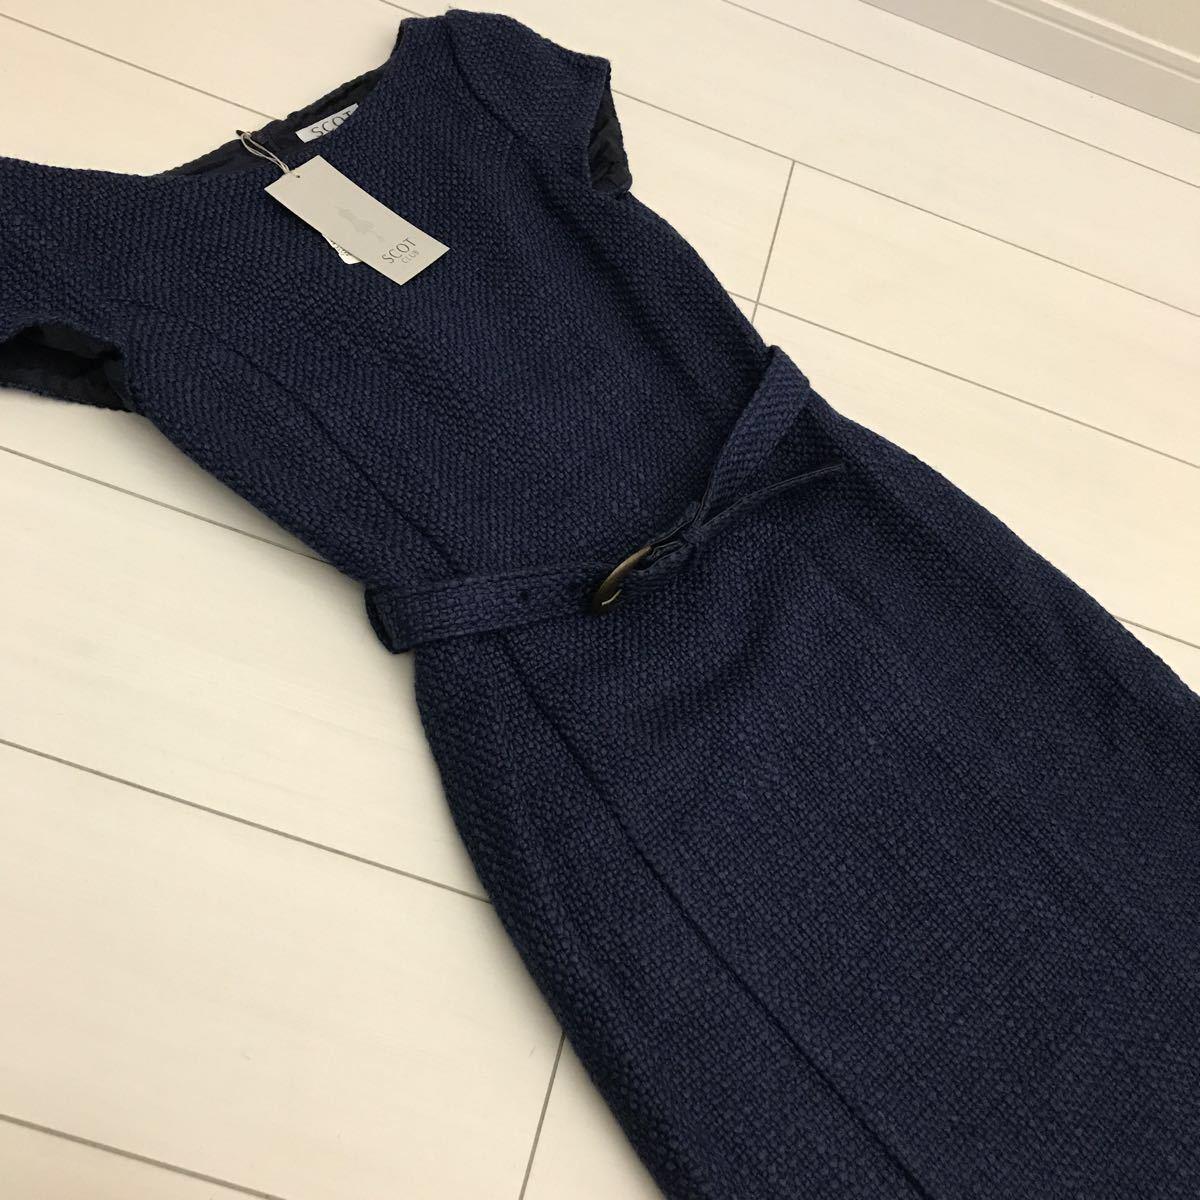 全新未使用的斯科特俱樂部SCOT CLUB One piece Tweed海軍藍深藍簡約連體Aga Arga最愛演示考試畢業典禮M 9期 編號:n303581750